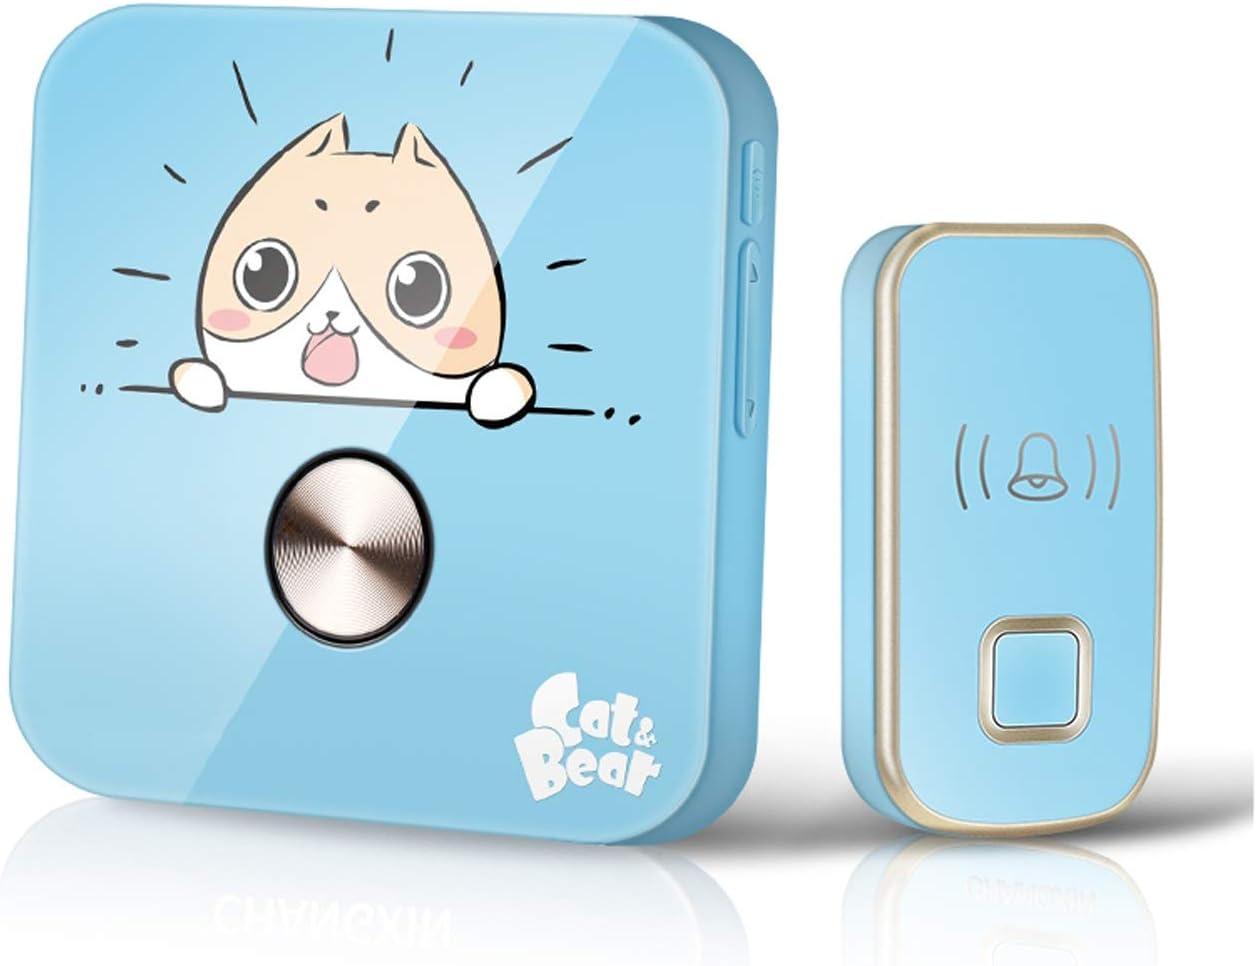 SHIJIE1701AA Door Very popular Bell Creative Doorbell Wireless Home Seattle Mall Smart Doo